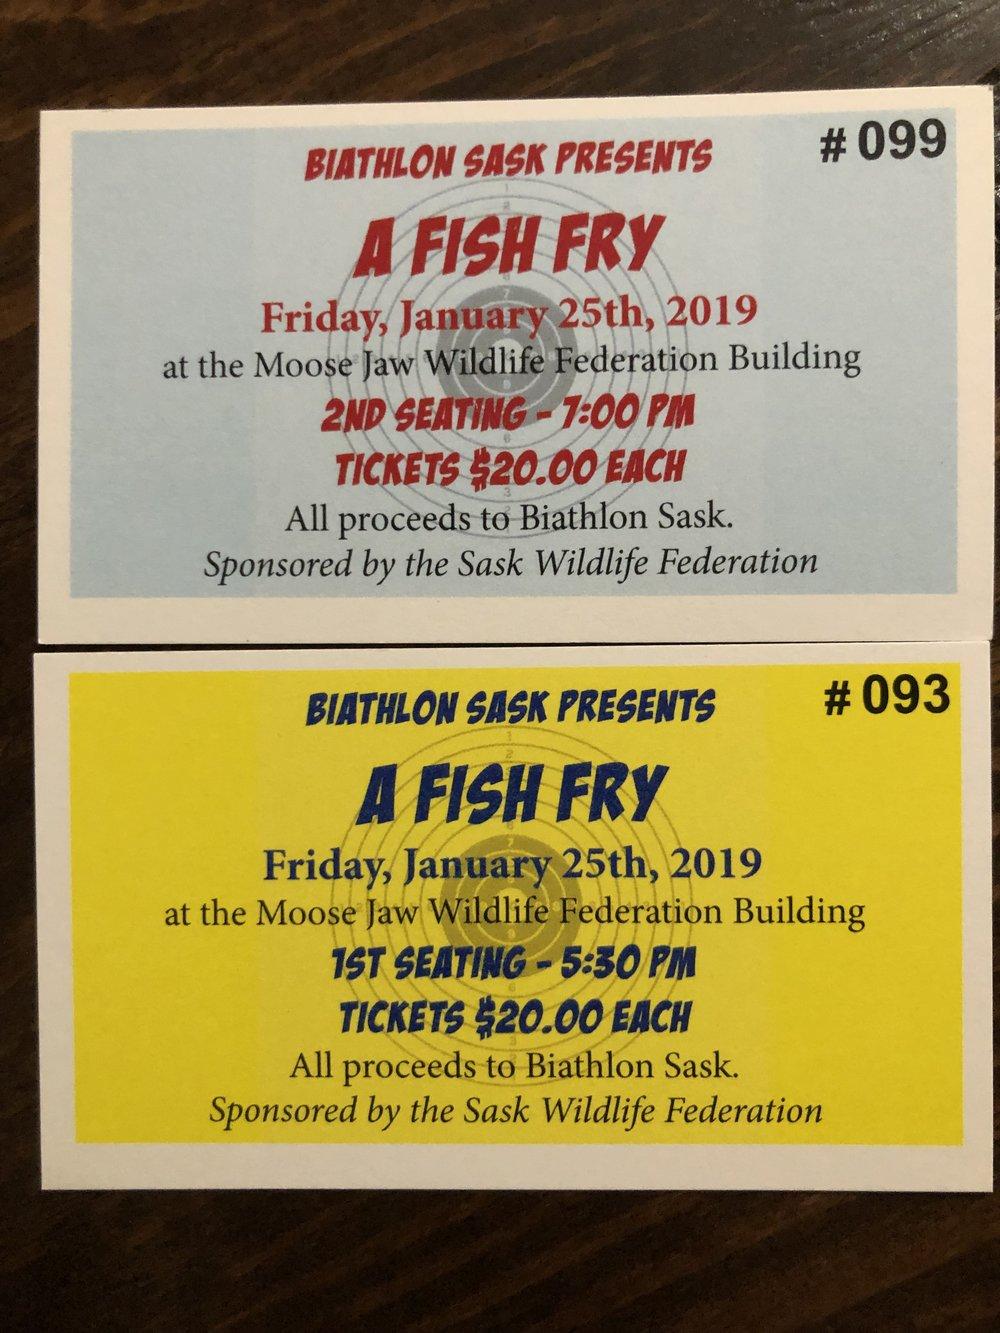 Biathlon Sask Fish Fry 2019.jpg